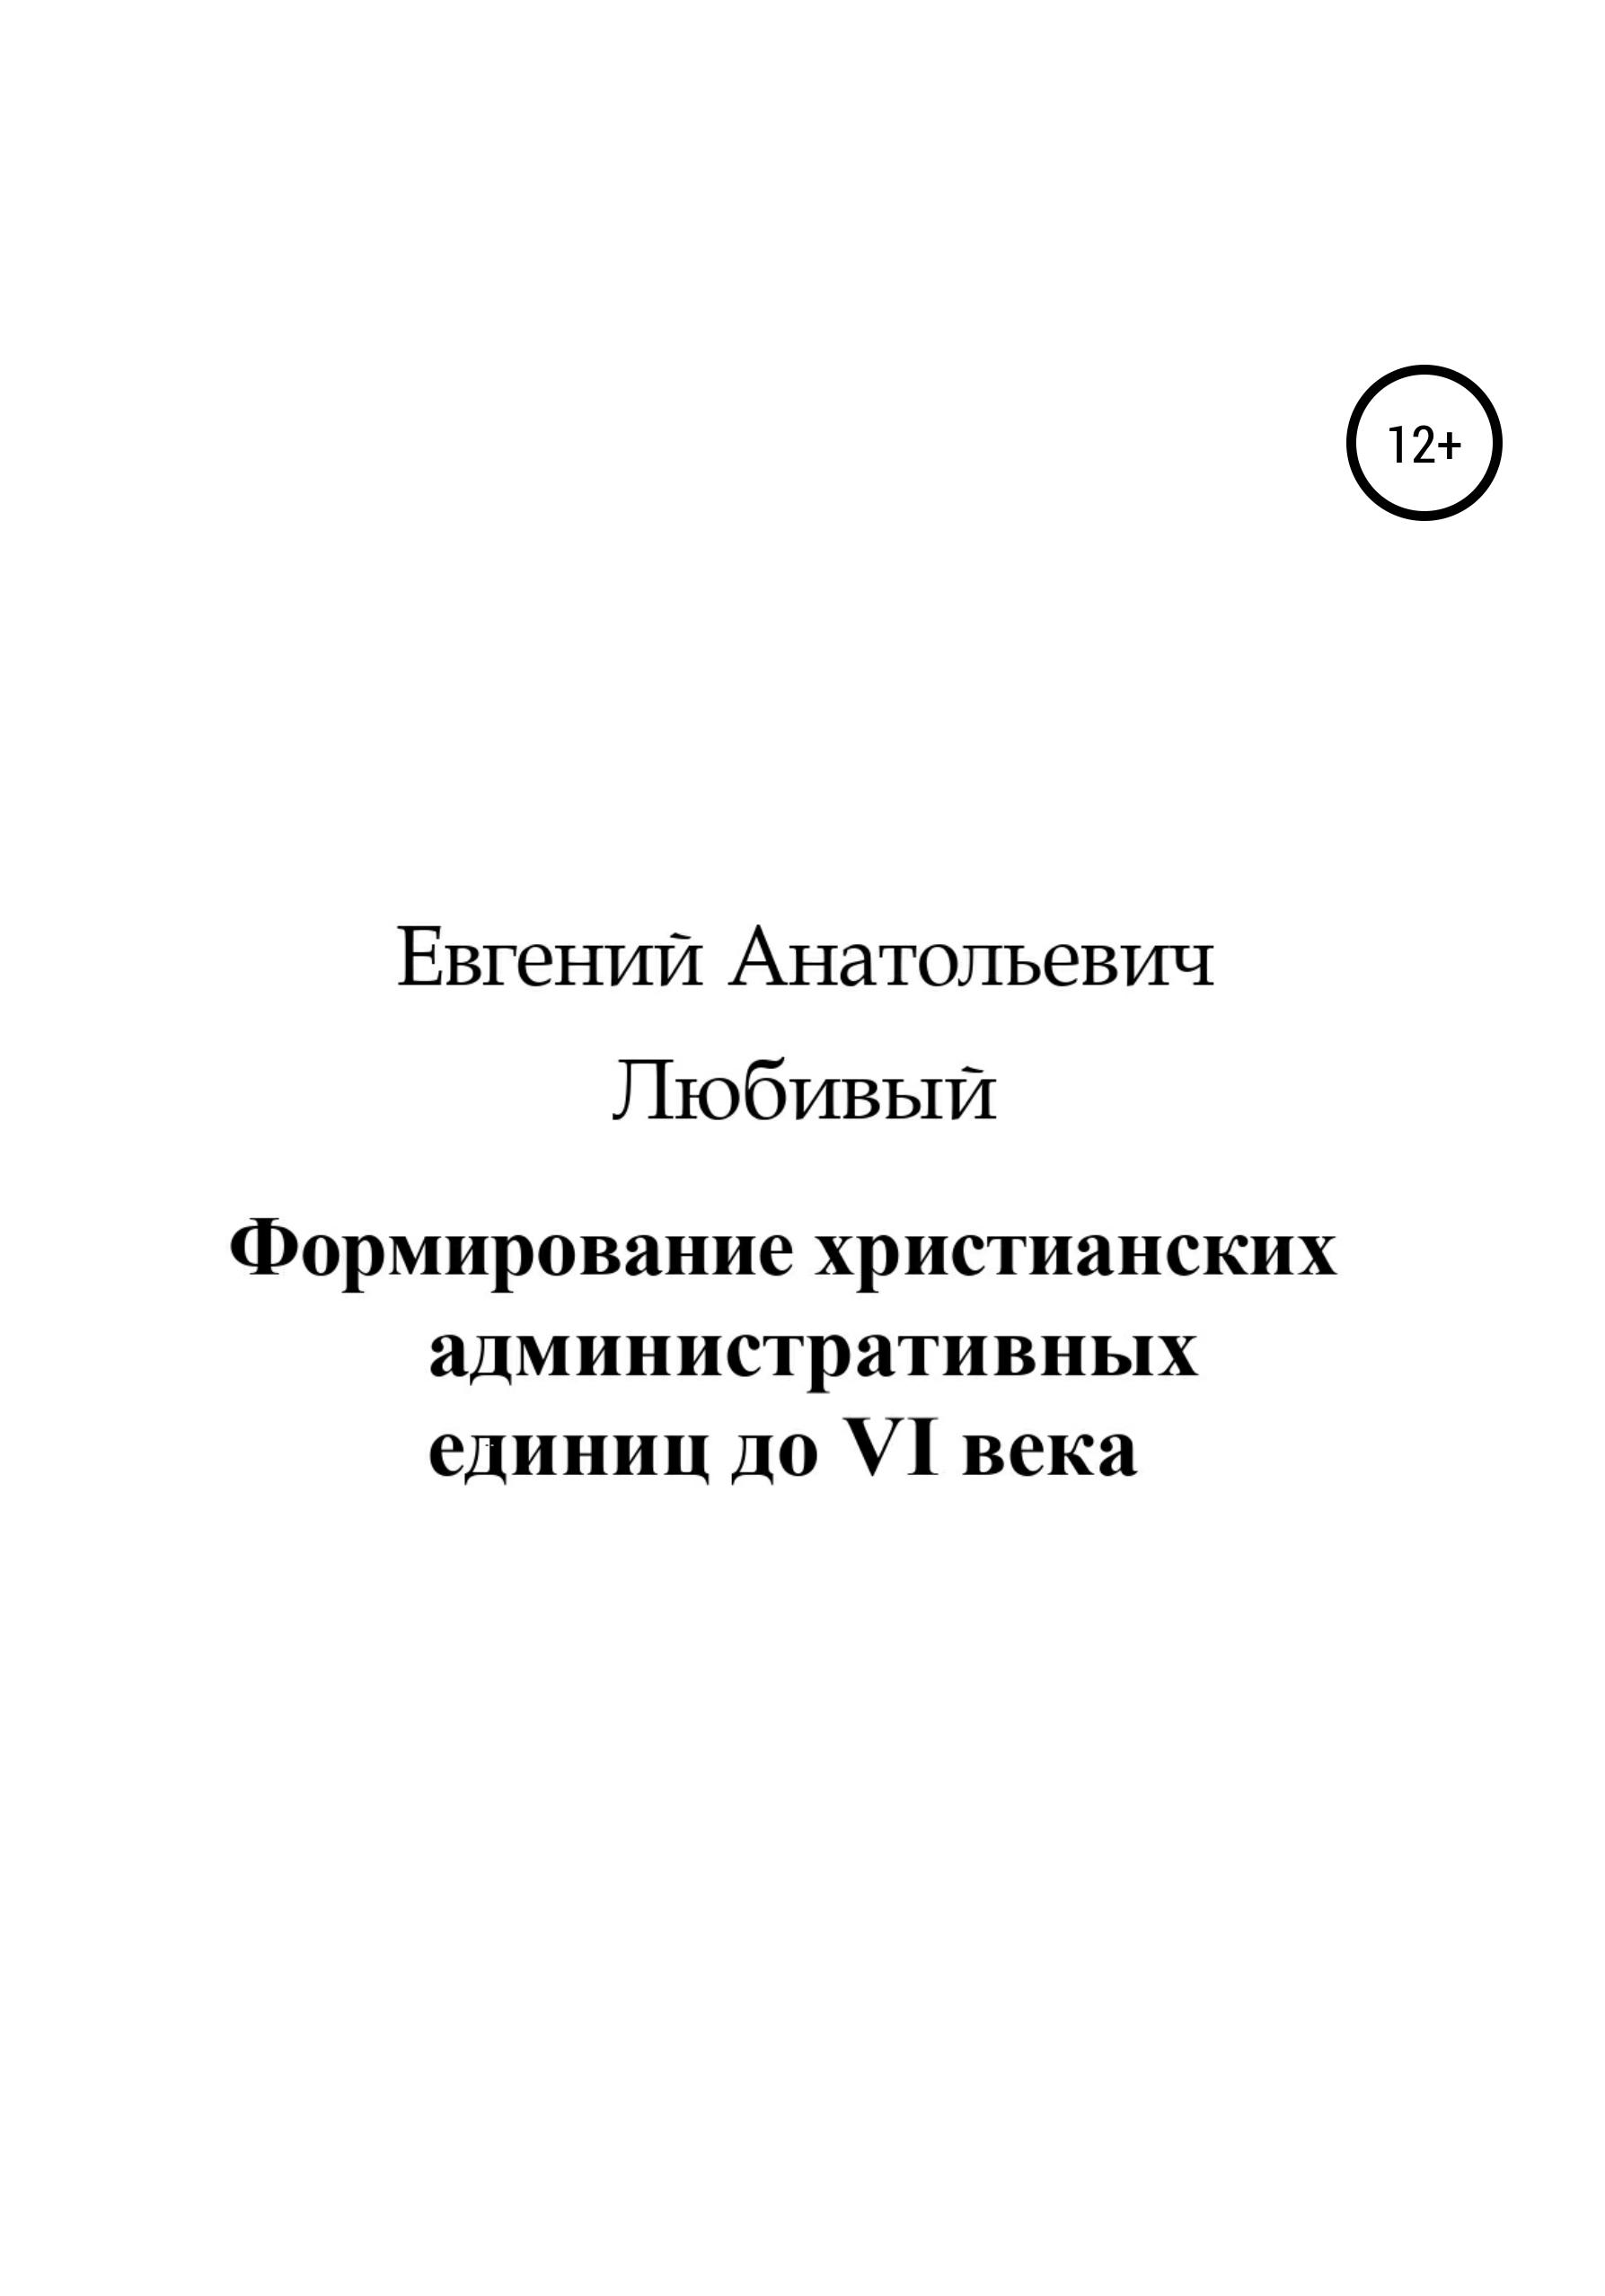 Купить книгу Формирование христианских административных единиц до VI века, автора Евгения Анатольевича Любивого